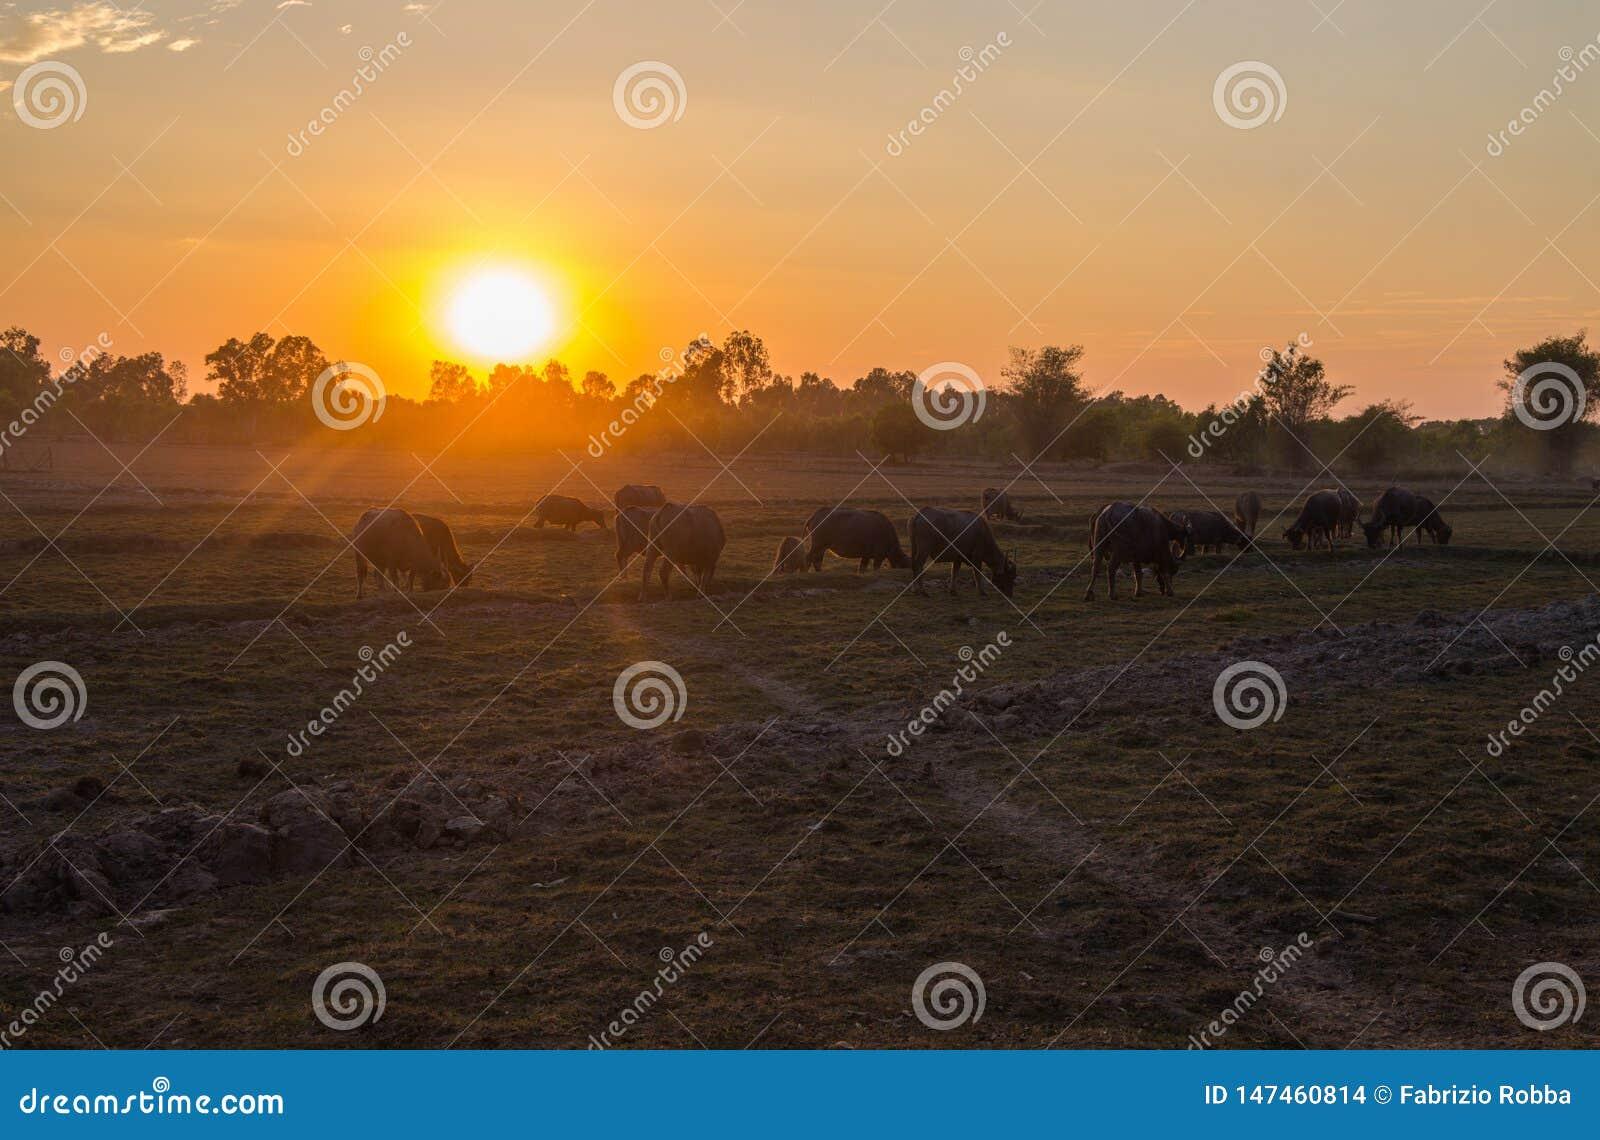 Ηλιοβασίλεμα σε έναν τομέα χωρών με τους βούβαλους που βόσκουν, βορειοανατολική Ταϊλάνδη, Ασία